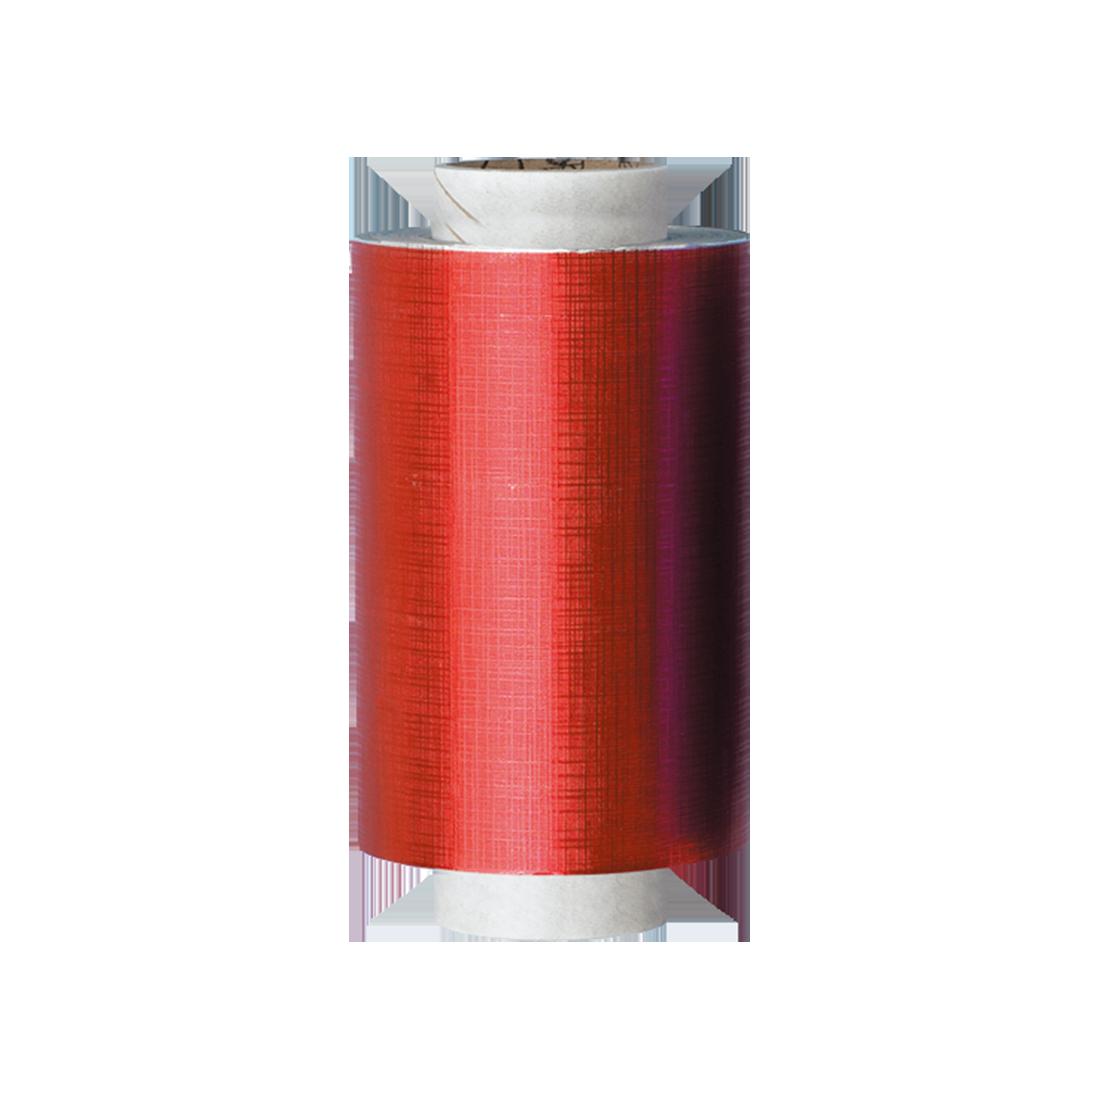 Rouleau d'Aluminium Gaufrée Rouge de Qualité Premium 15 Microns